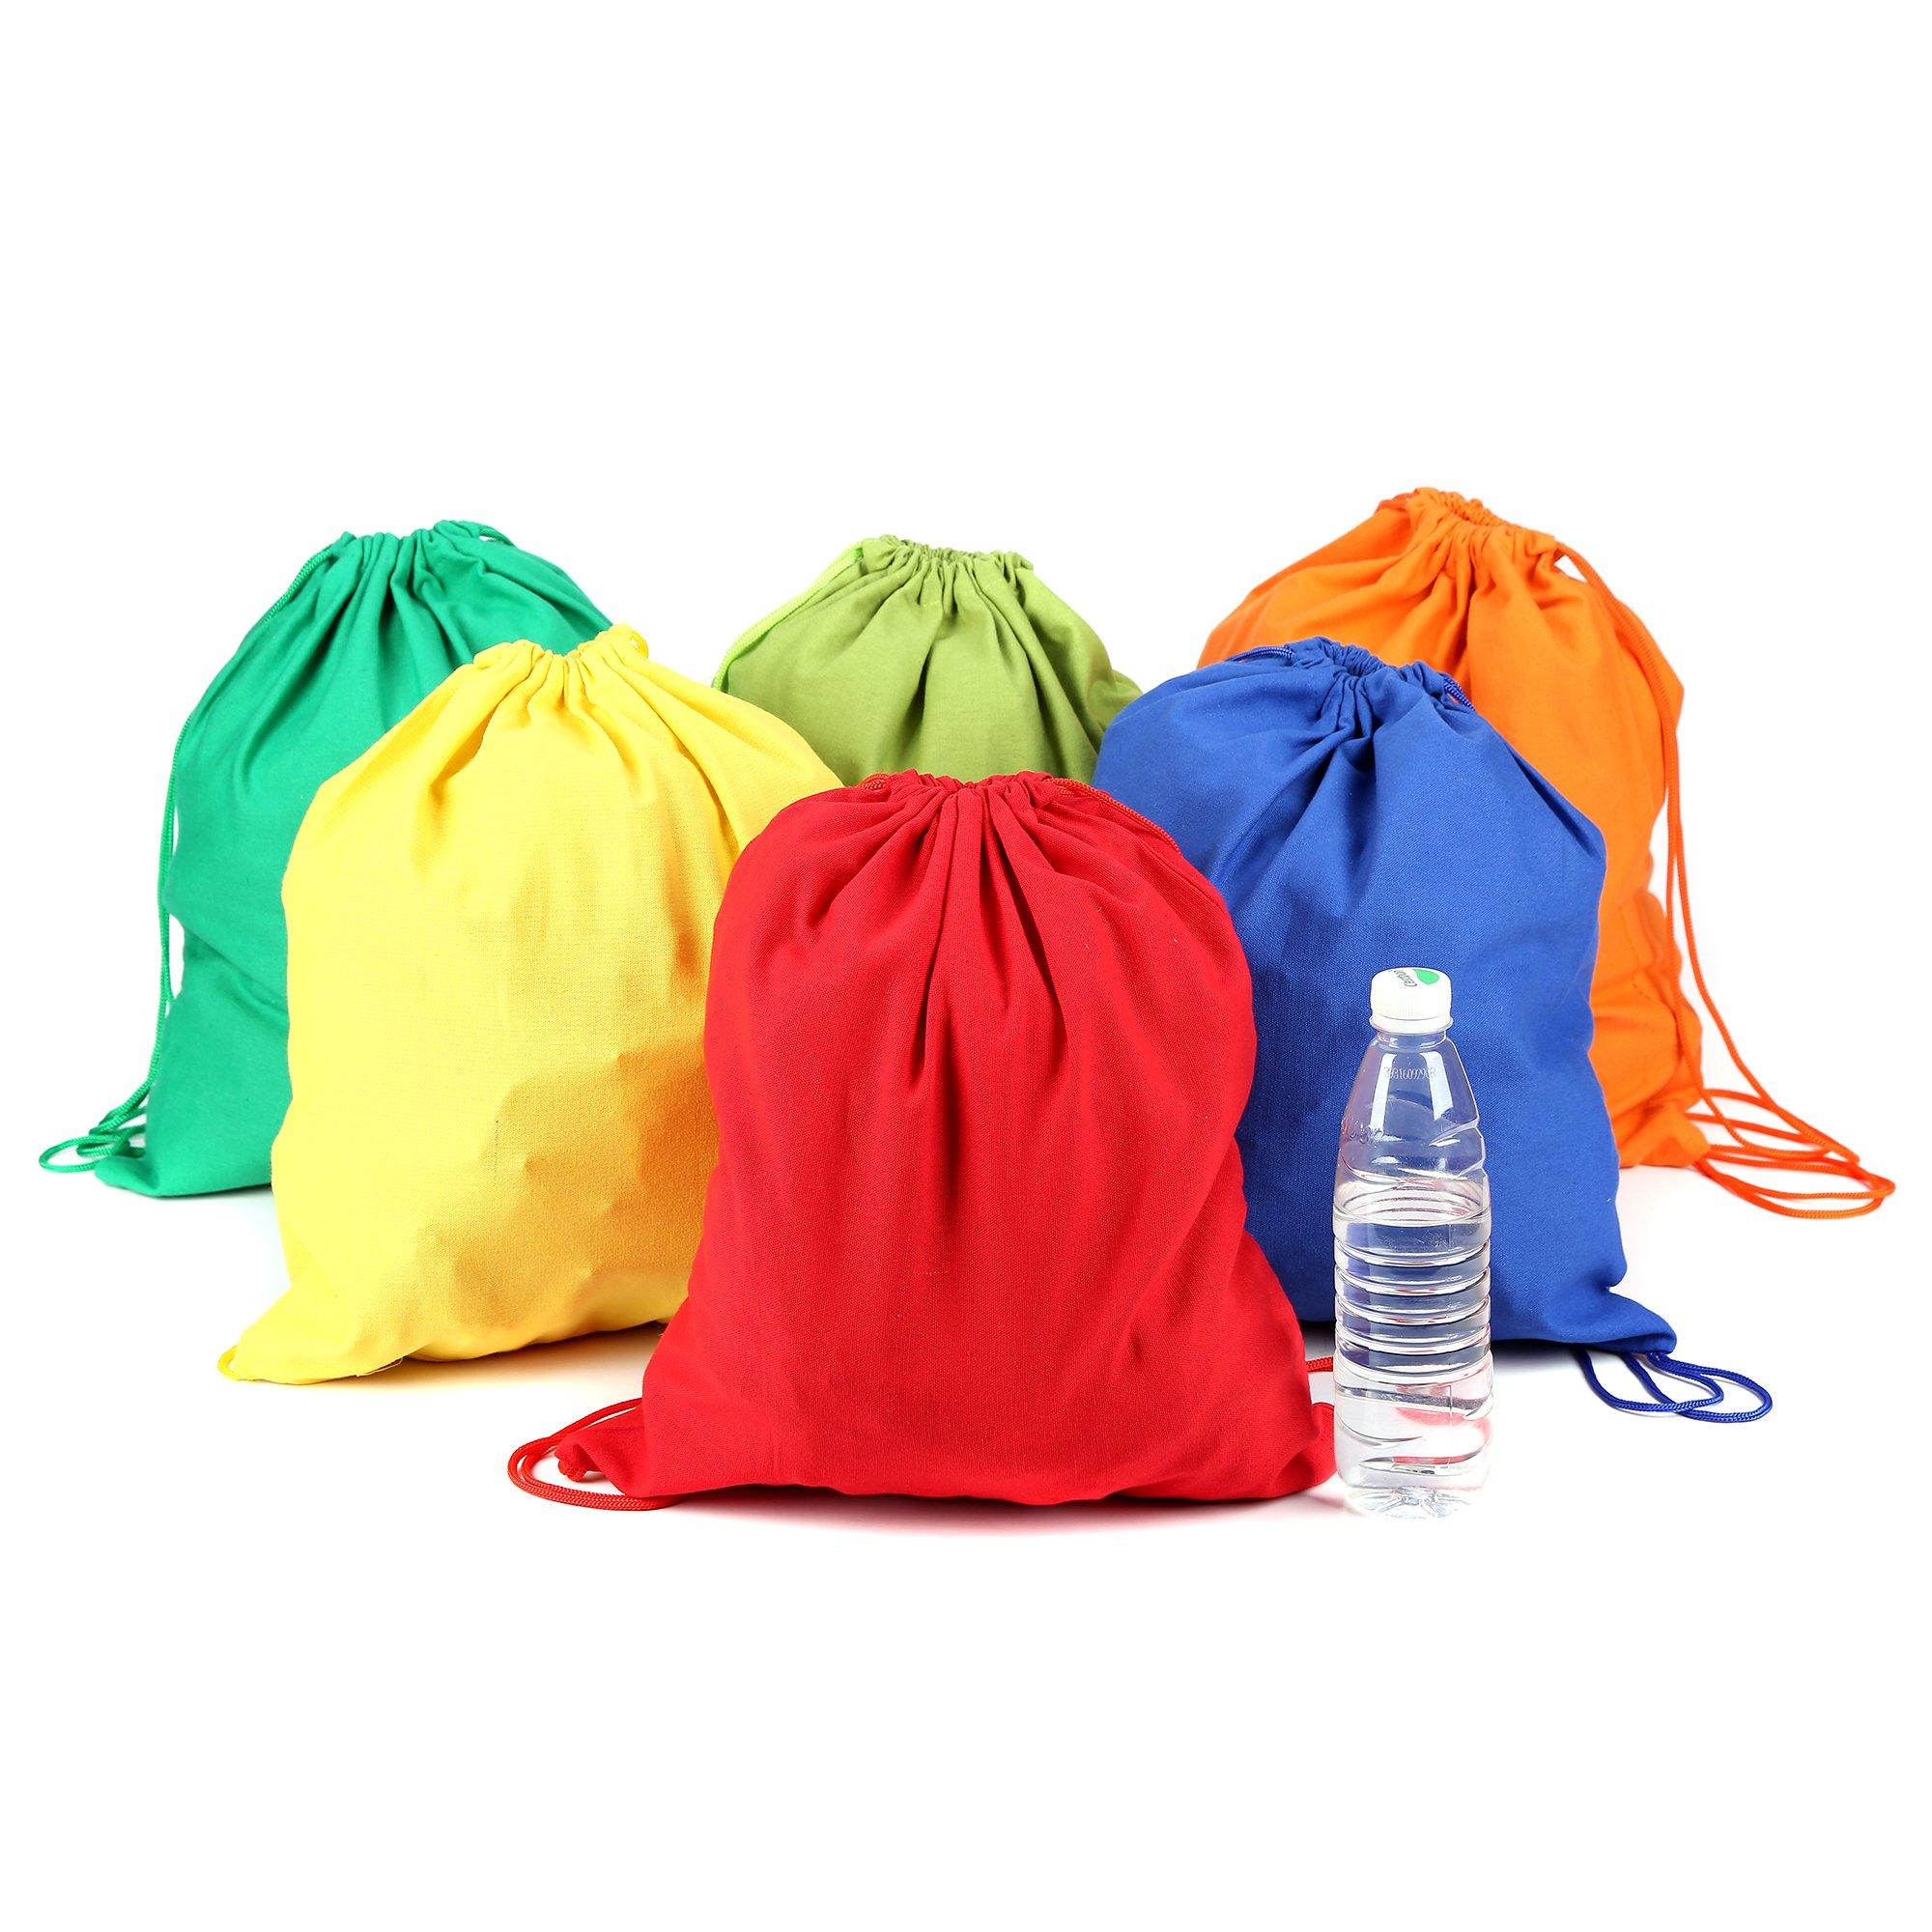 Fun Central BC748 12ct 14.75 Inch Drawstring Backpacks, Drawstring Backpack, Drawstring Backpack For Women, Small Drawstring Backpack, Womens Drawstring Backpack, Drawstring Backpack For Kids-Assorted